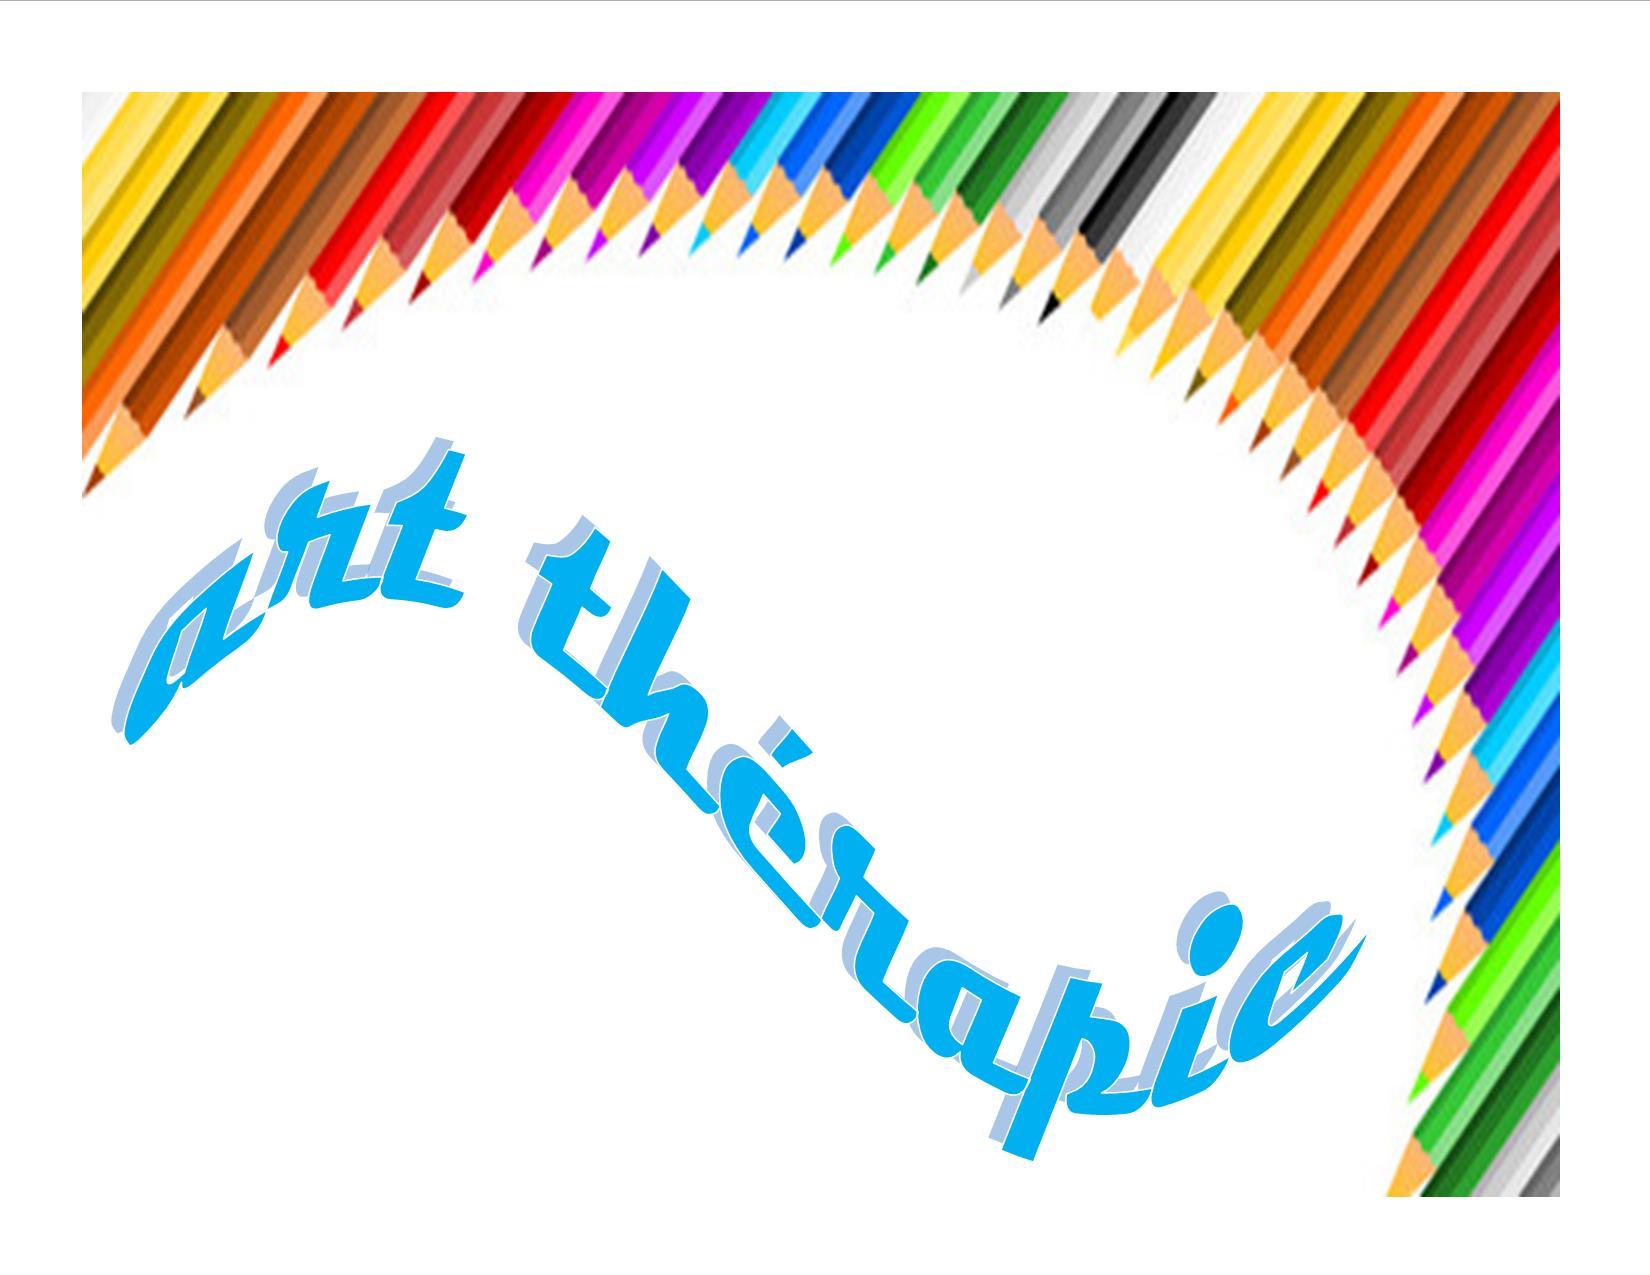 Pourquoi colorier?